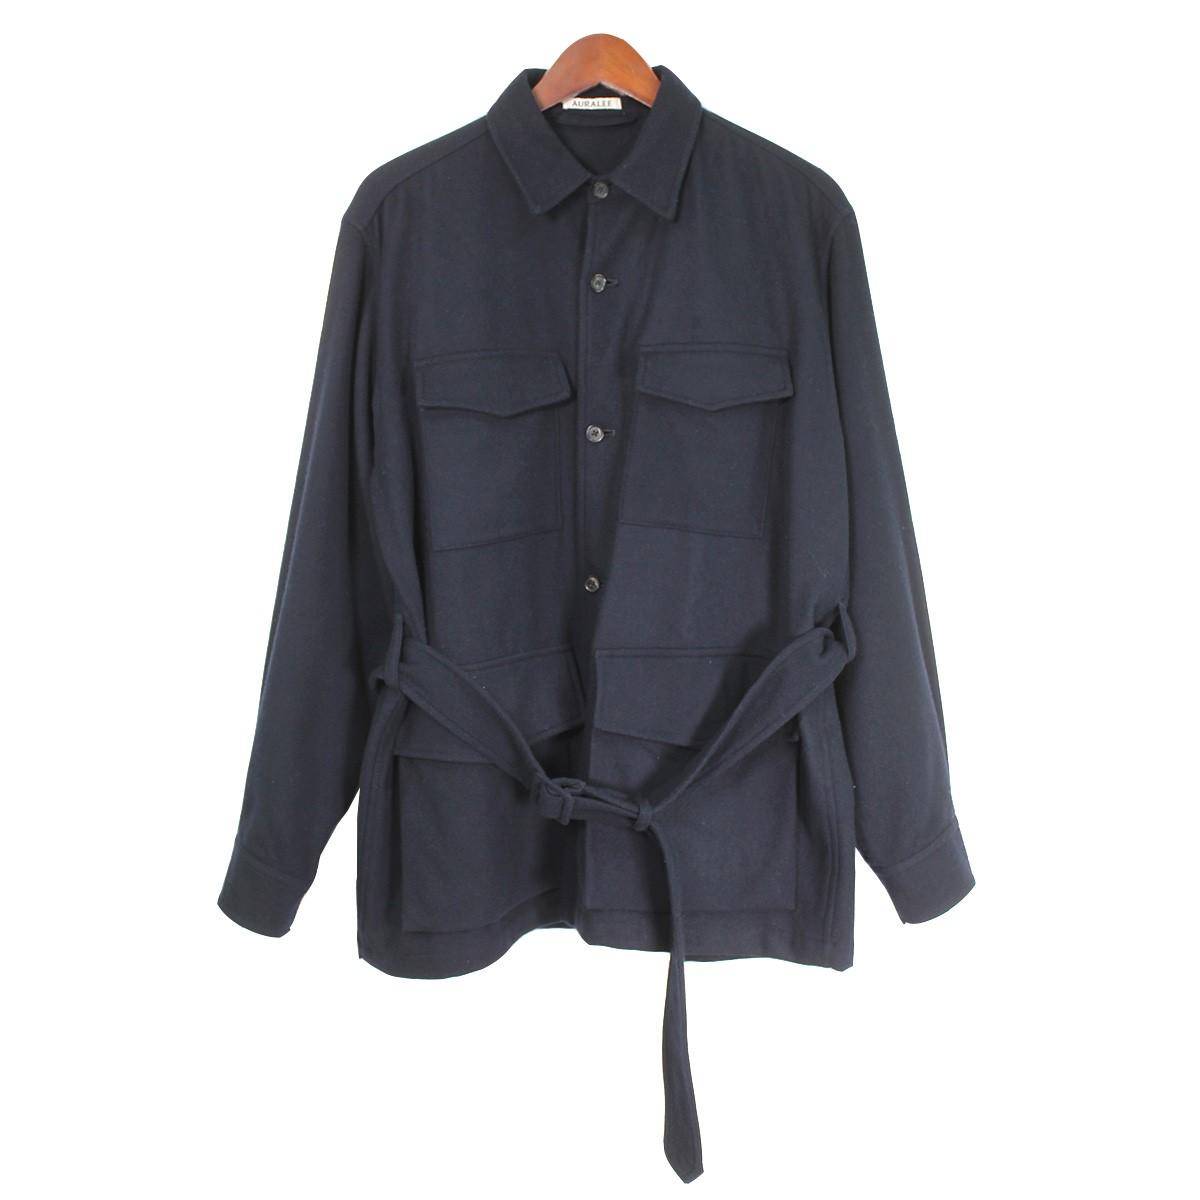 【中古】AURALEE16AW SUPER SOFT FLANNEL SAFARI SHIRT ウールベルテッドシャツ ネイビー サイズ:4 【3月30日見直し】